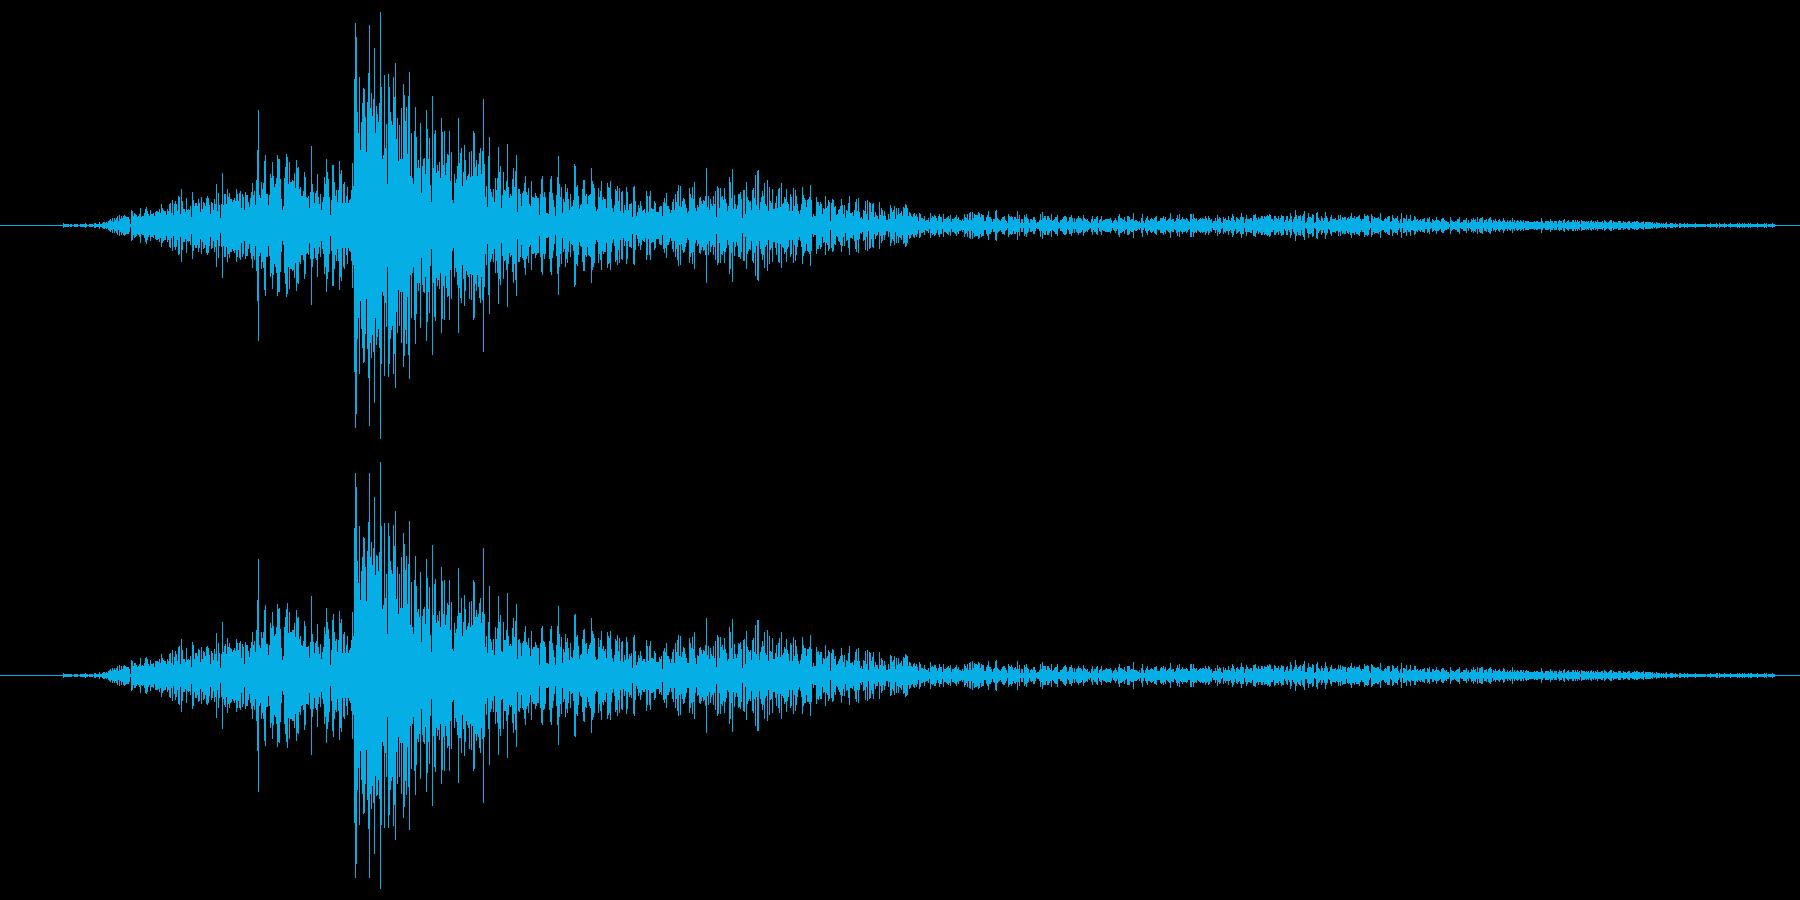 金属音の1回転する音の再生済みの波形